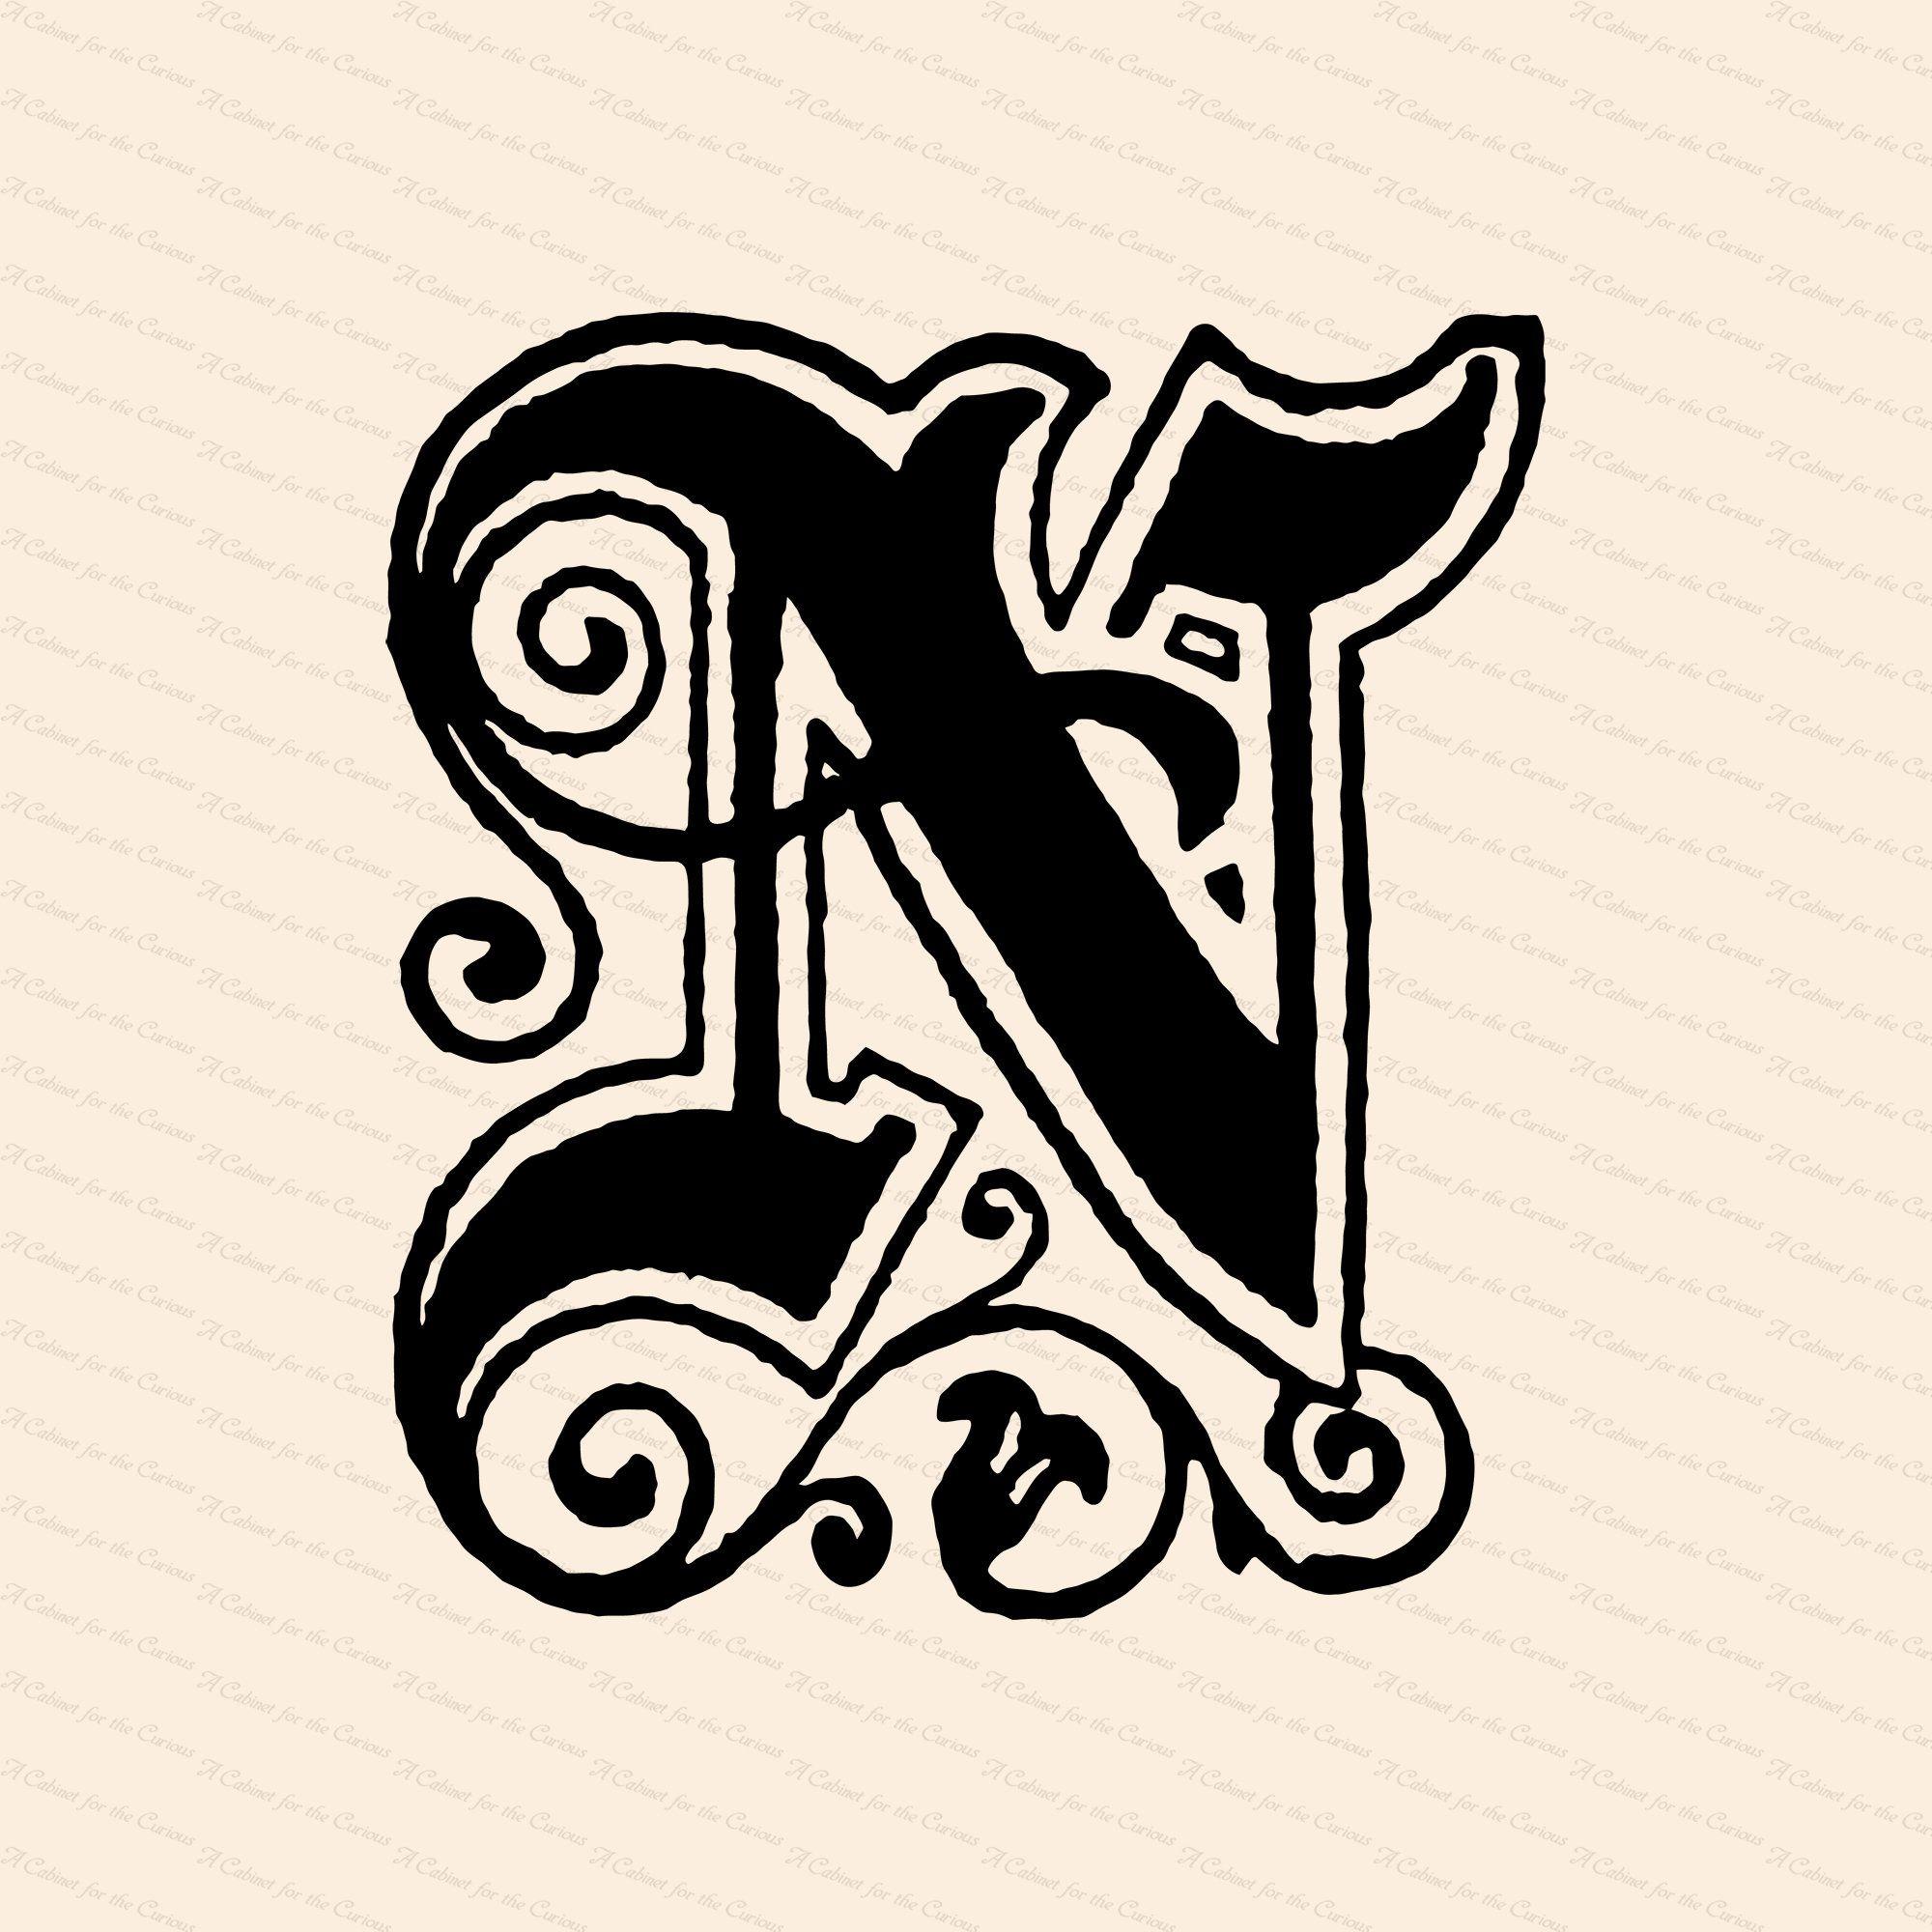 Ornamental Penwork Initial Letter N Vector Clipart Vintage Victorian Capital Letter N Antique Monogram Svg Png Jpg In 2021 Photo Collage Design Vintage Art Vintage Lettering